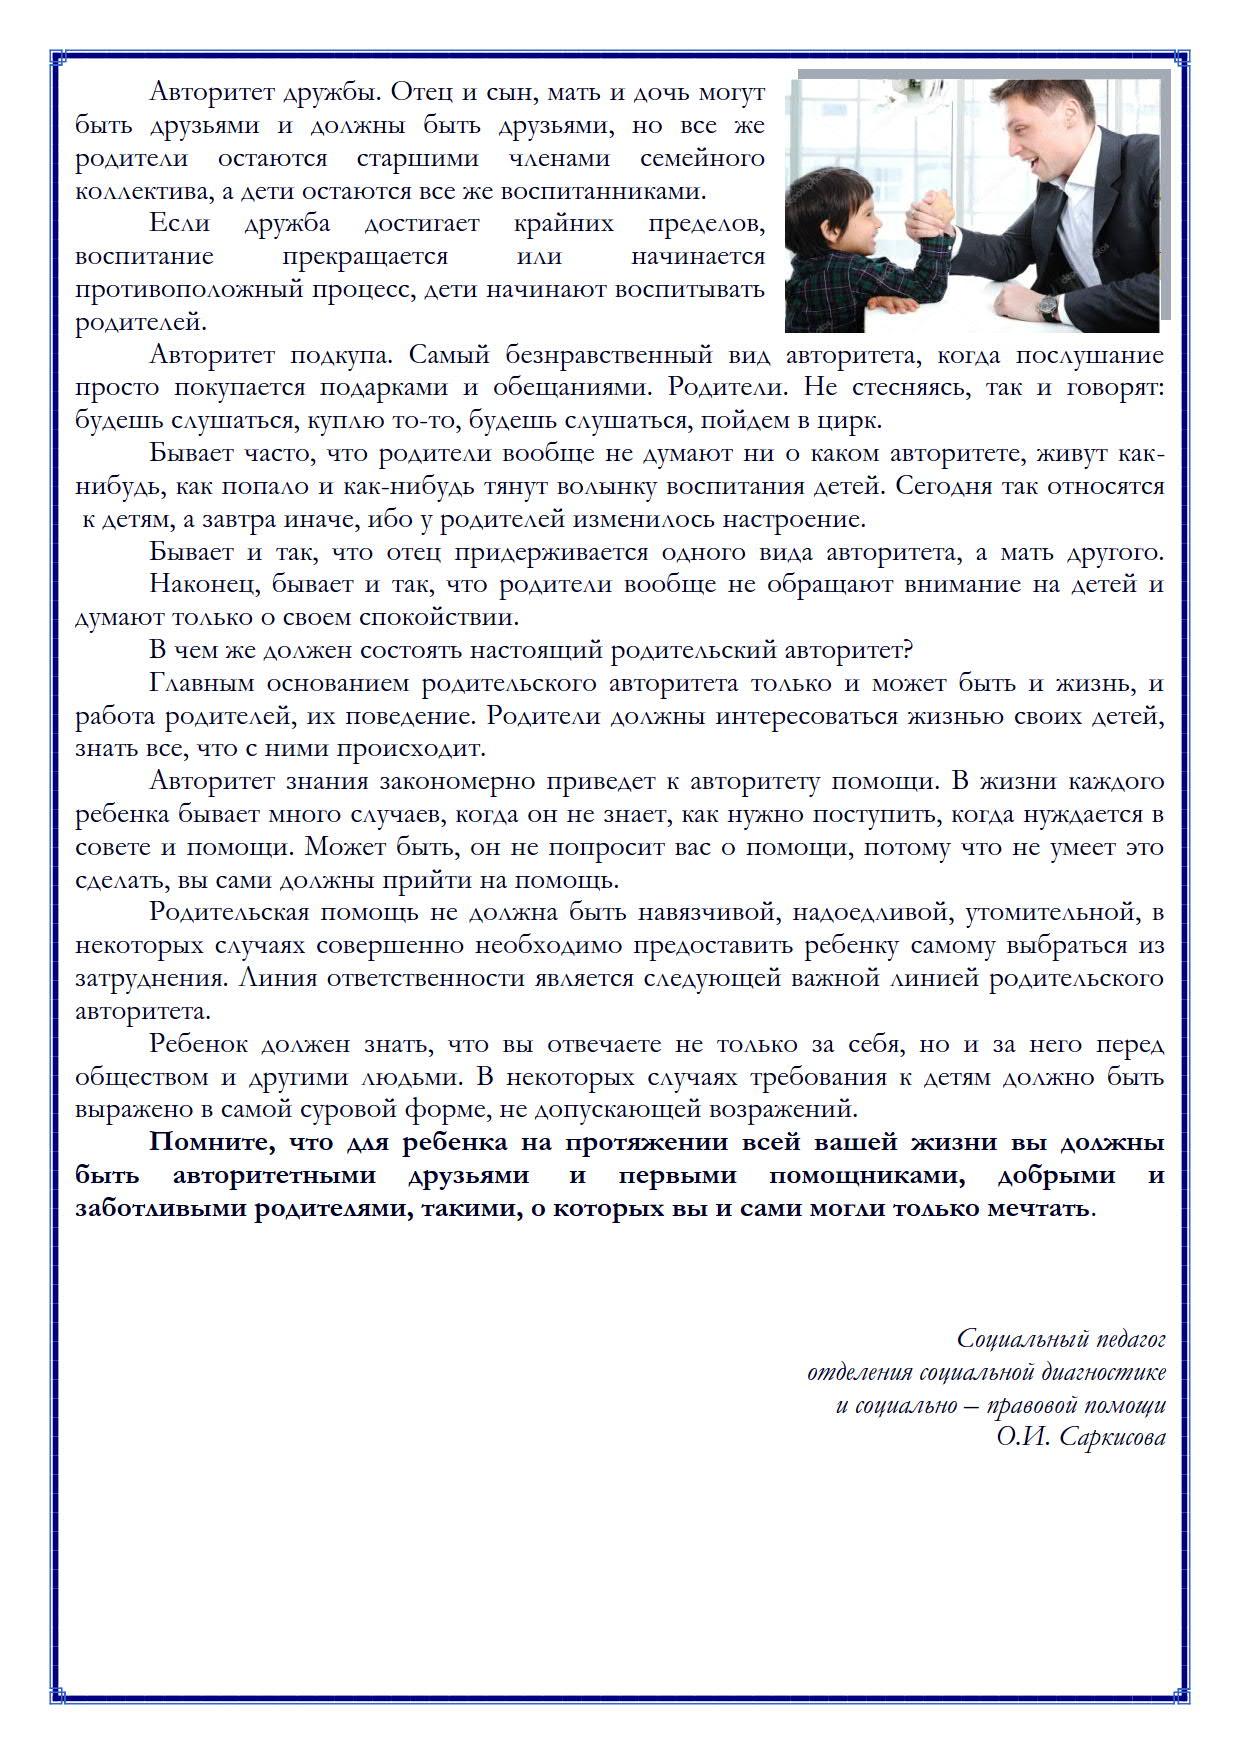 СОЦИАЛЬНЫЙ ПЕДАГОГ КОНСУЛЬТАЦИЯ о род. авторитети_2